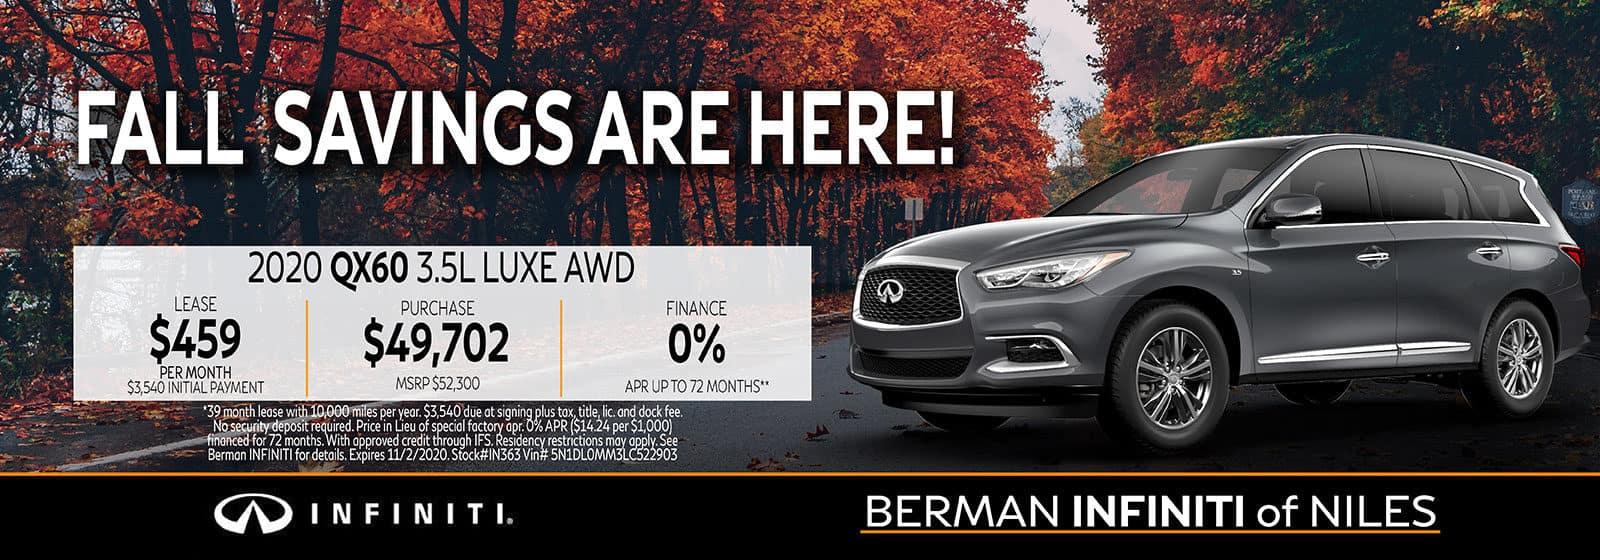 New 2020 INFINITI QX60 October Offer at Berman INFINITI of Niles!